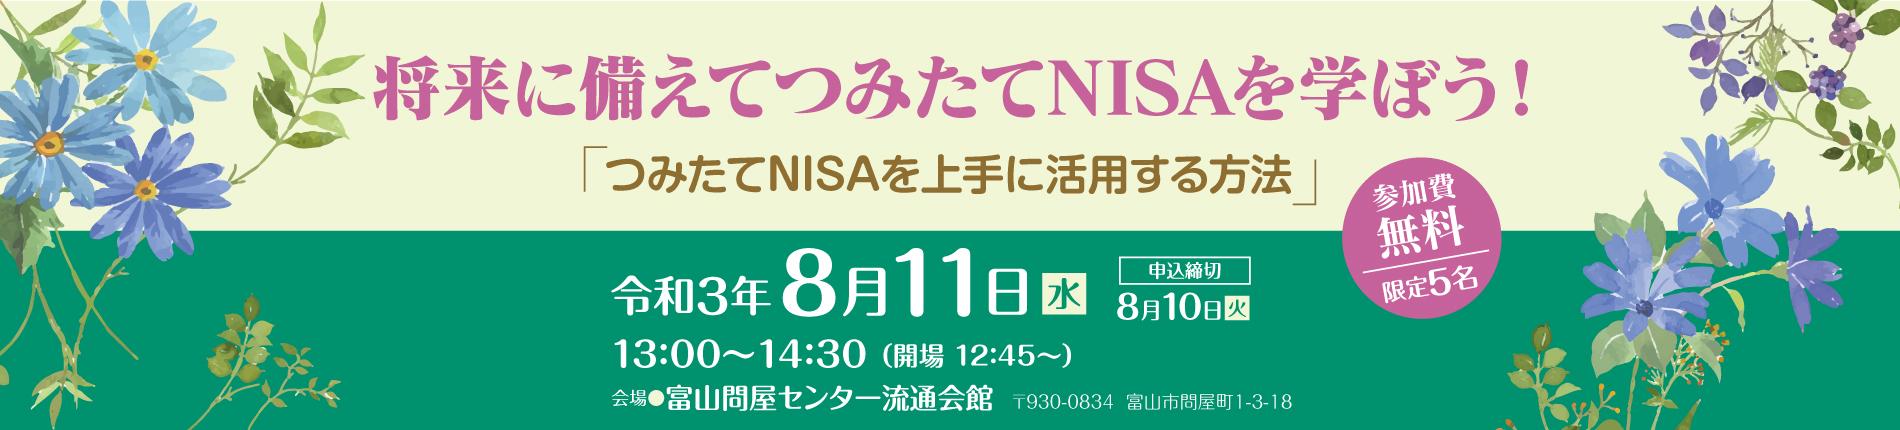 8月11日開催 IFAセミナー